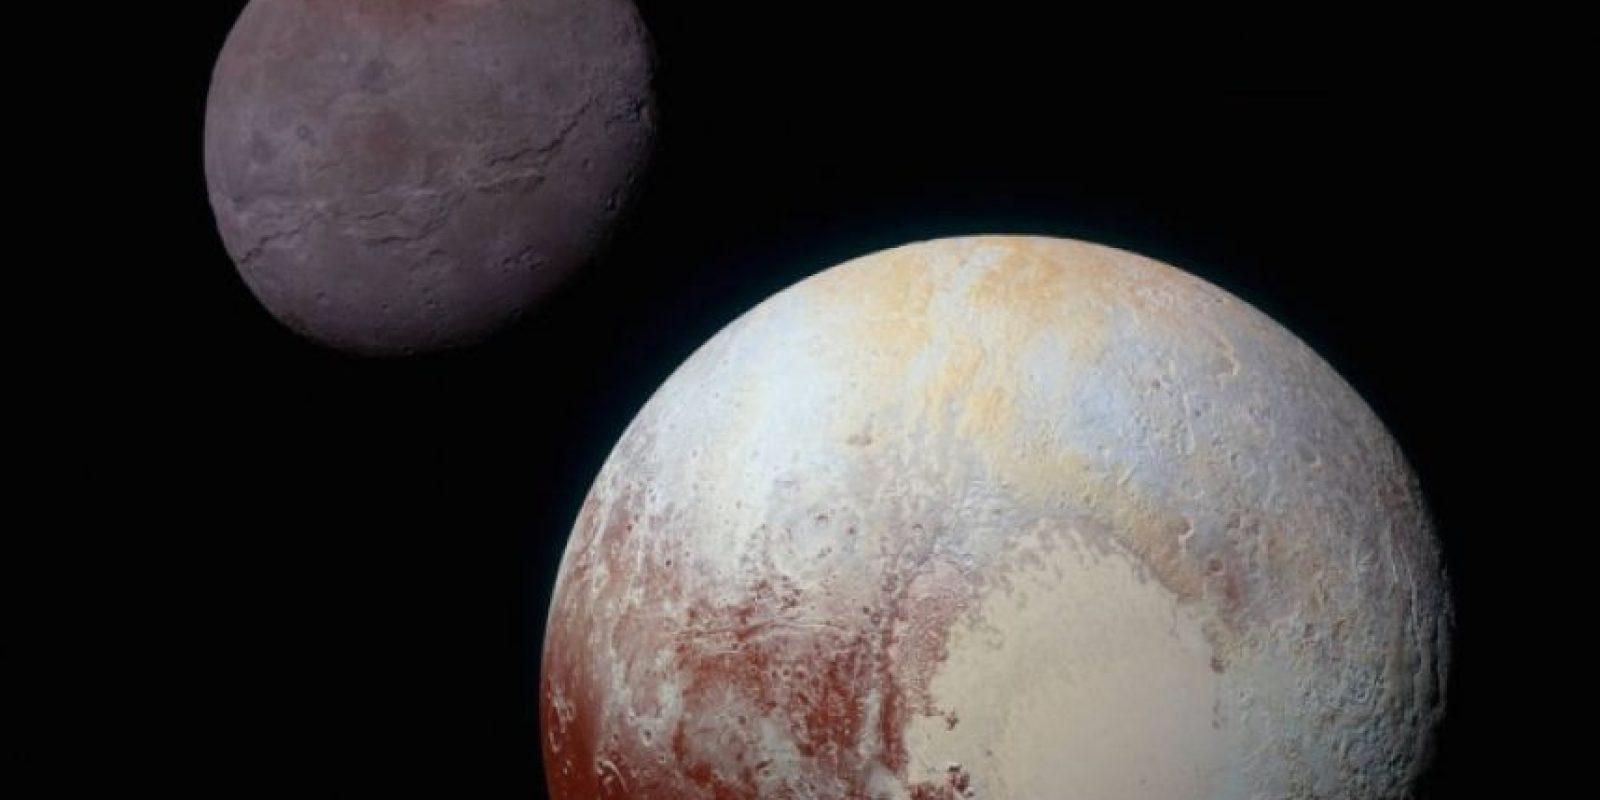 Esto se detectó gracias a la misión New Horizons y las más reciente fotografías que tomó del planeta. Foto:nasa.gov